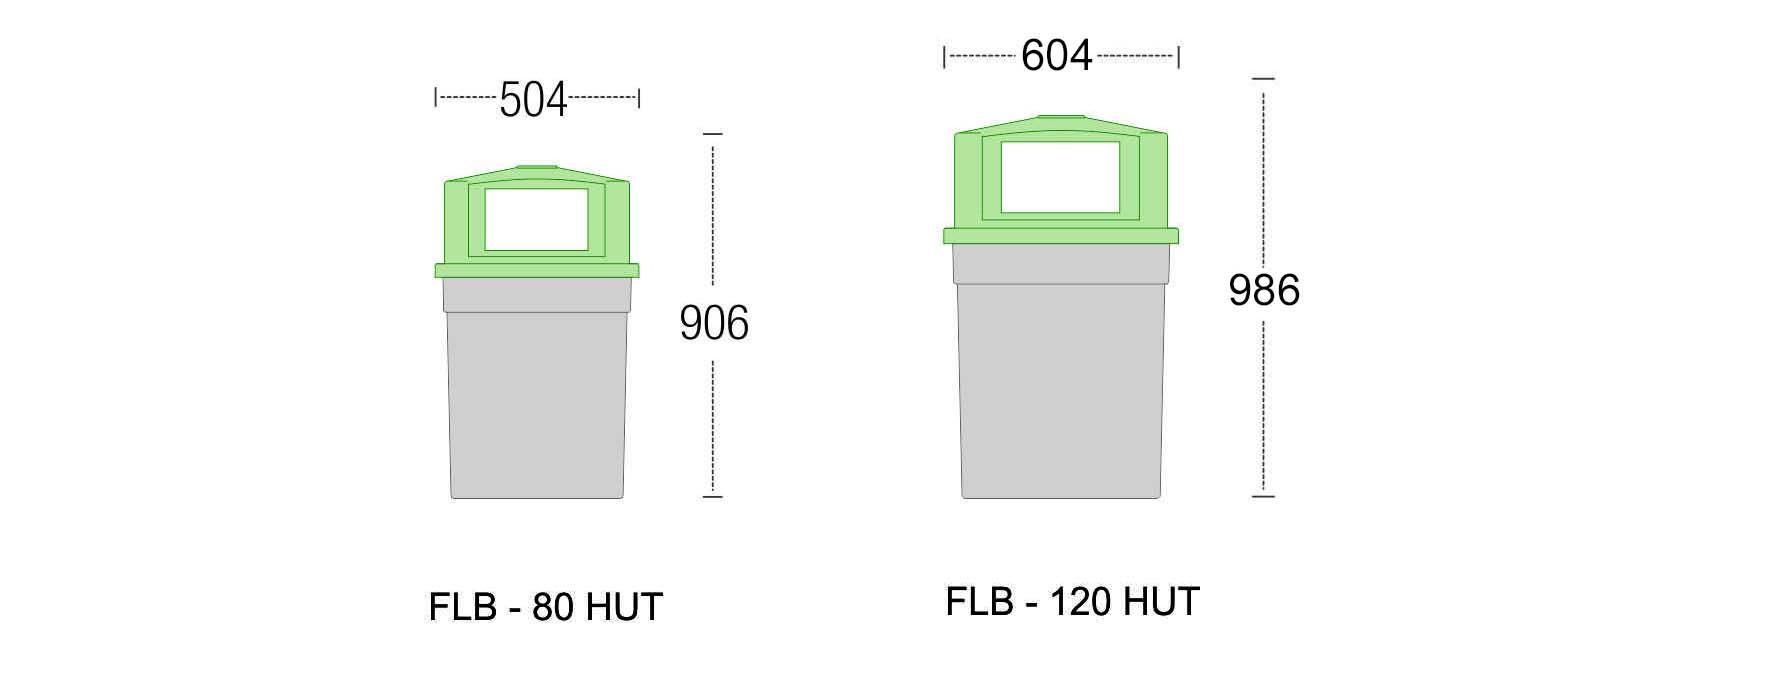 FLB - RET Outdoor bins